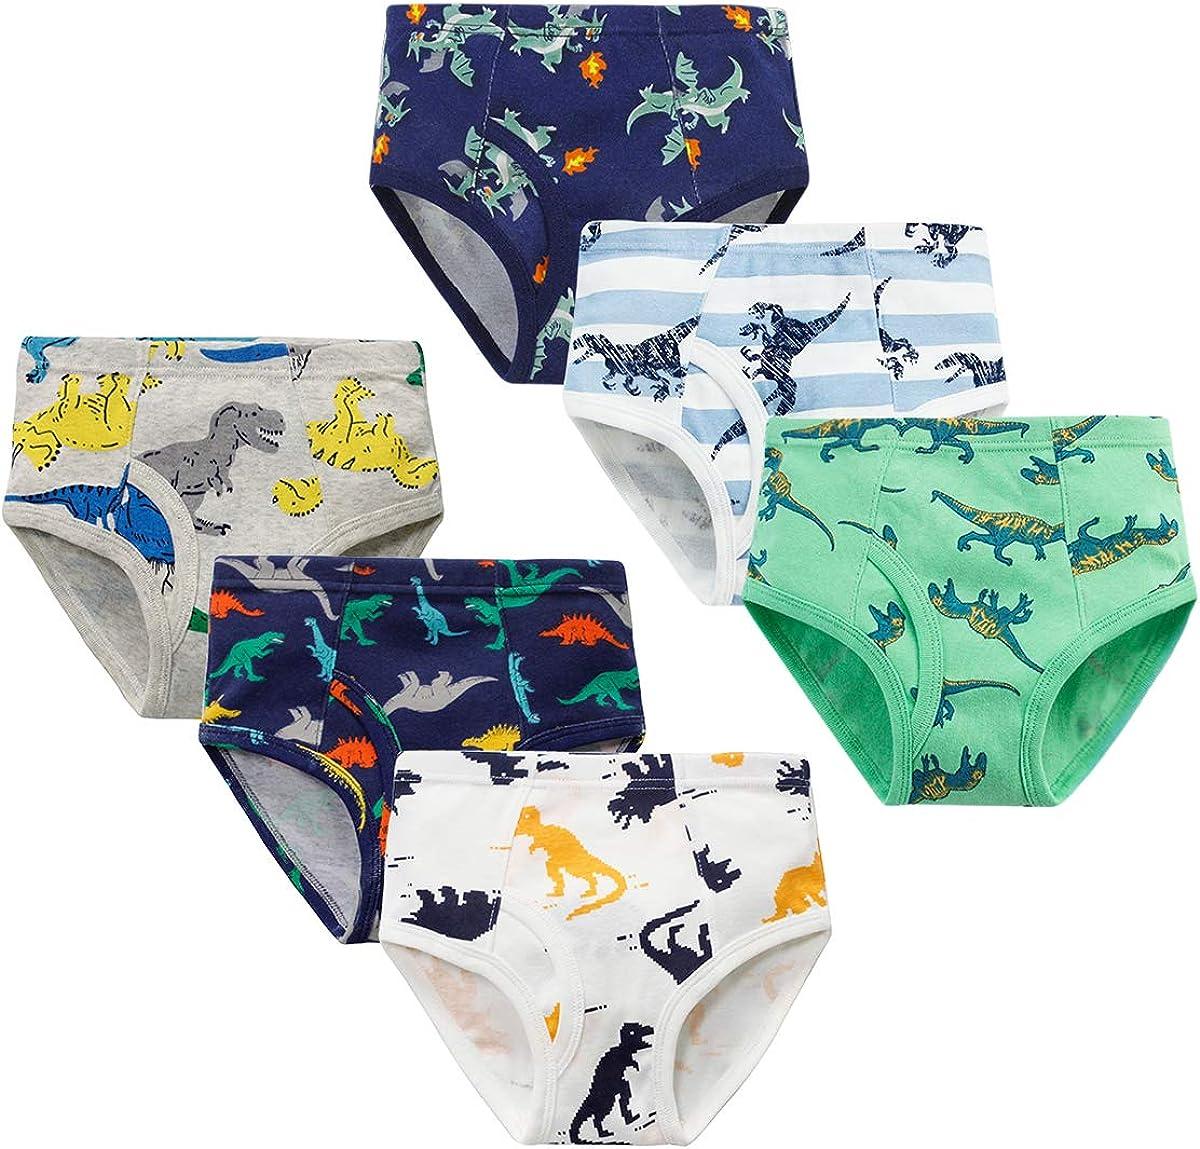 YoungSoul Jungen Slips Baumwolle Unterhosen Kinder Unterw/äsche Dinosaurier 6er Pack